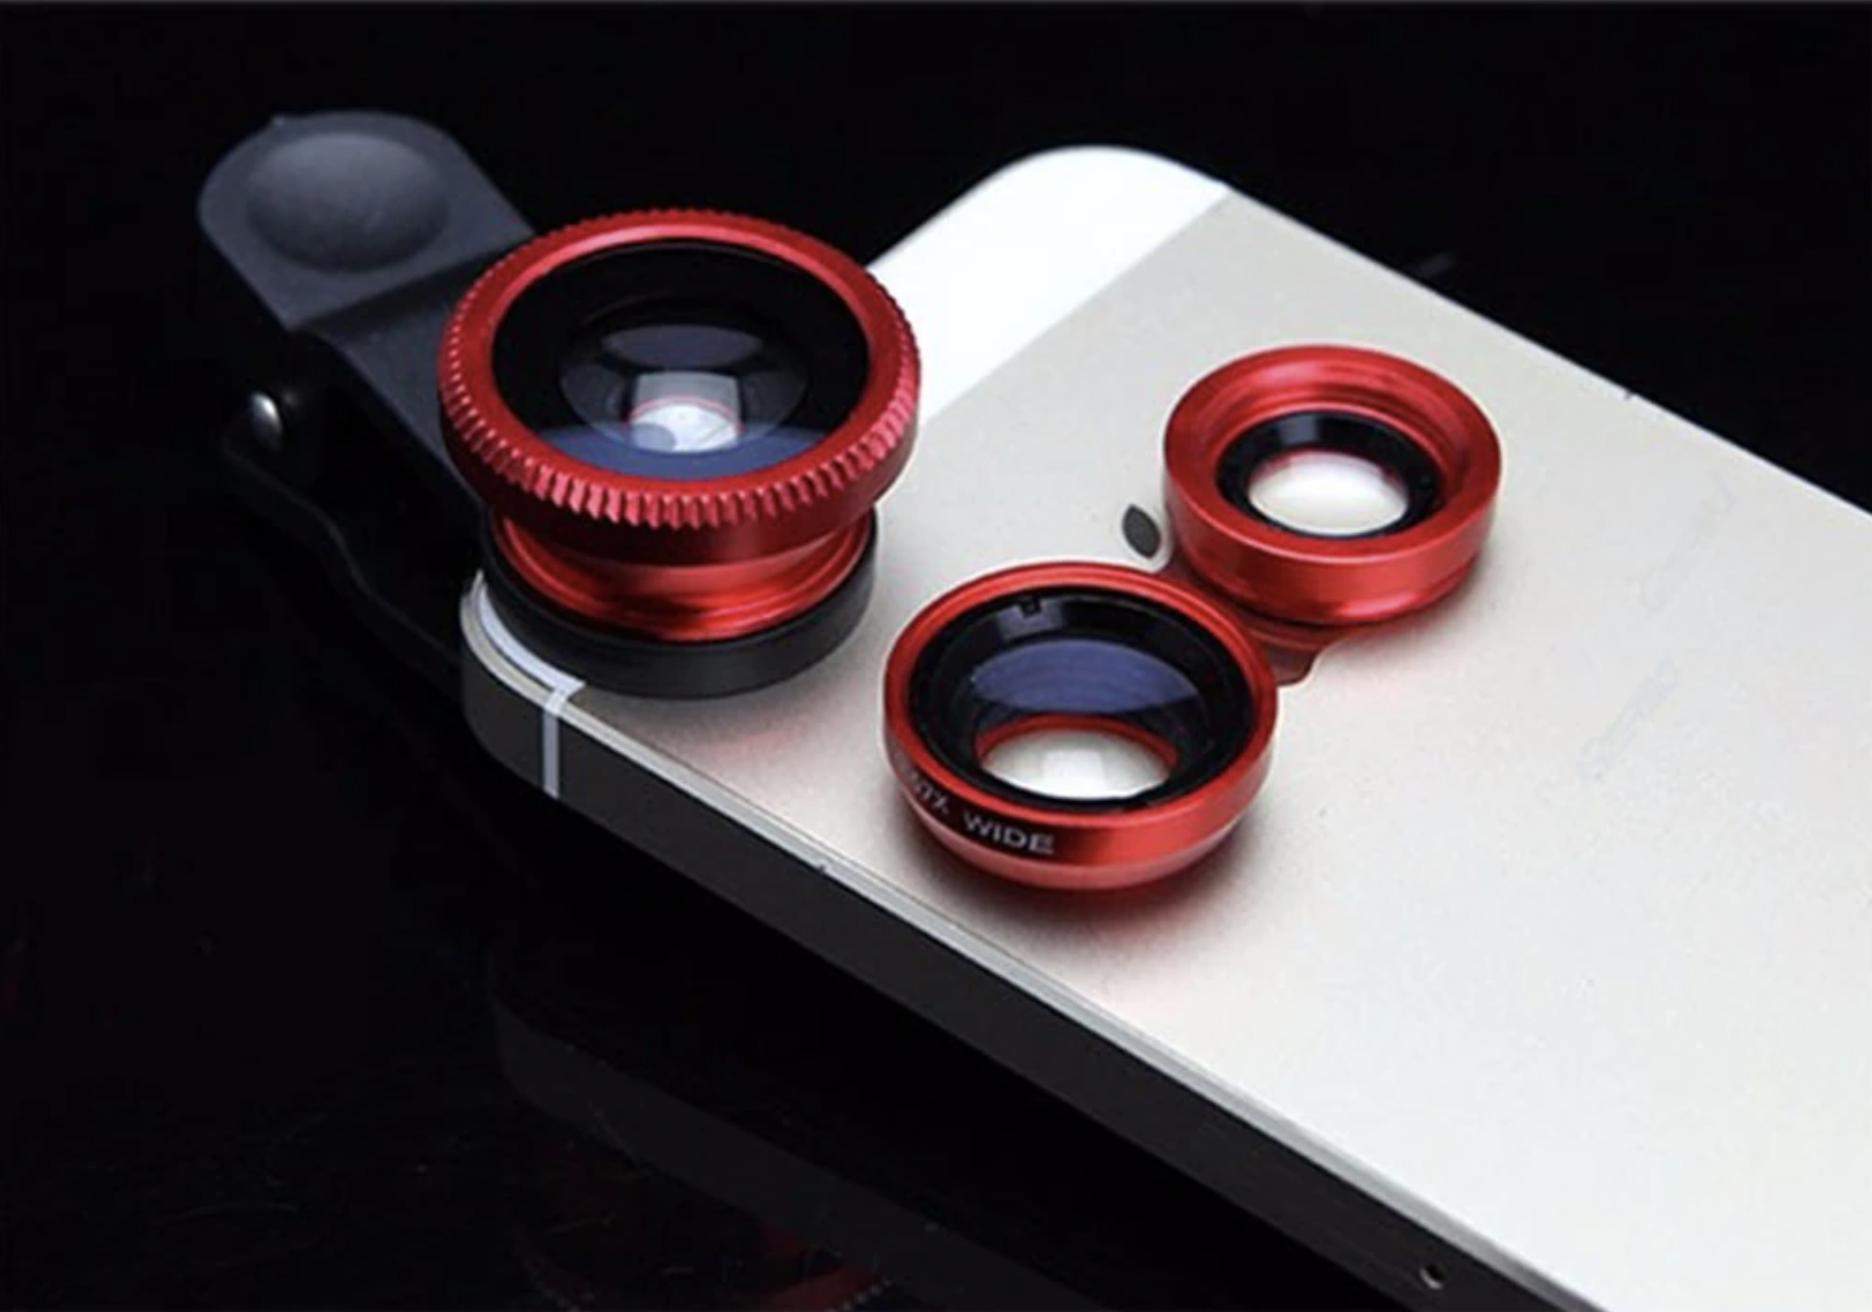 Sada objektivů pro mobilní telefony 3v1